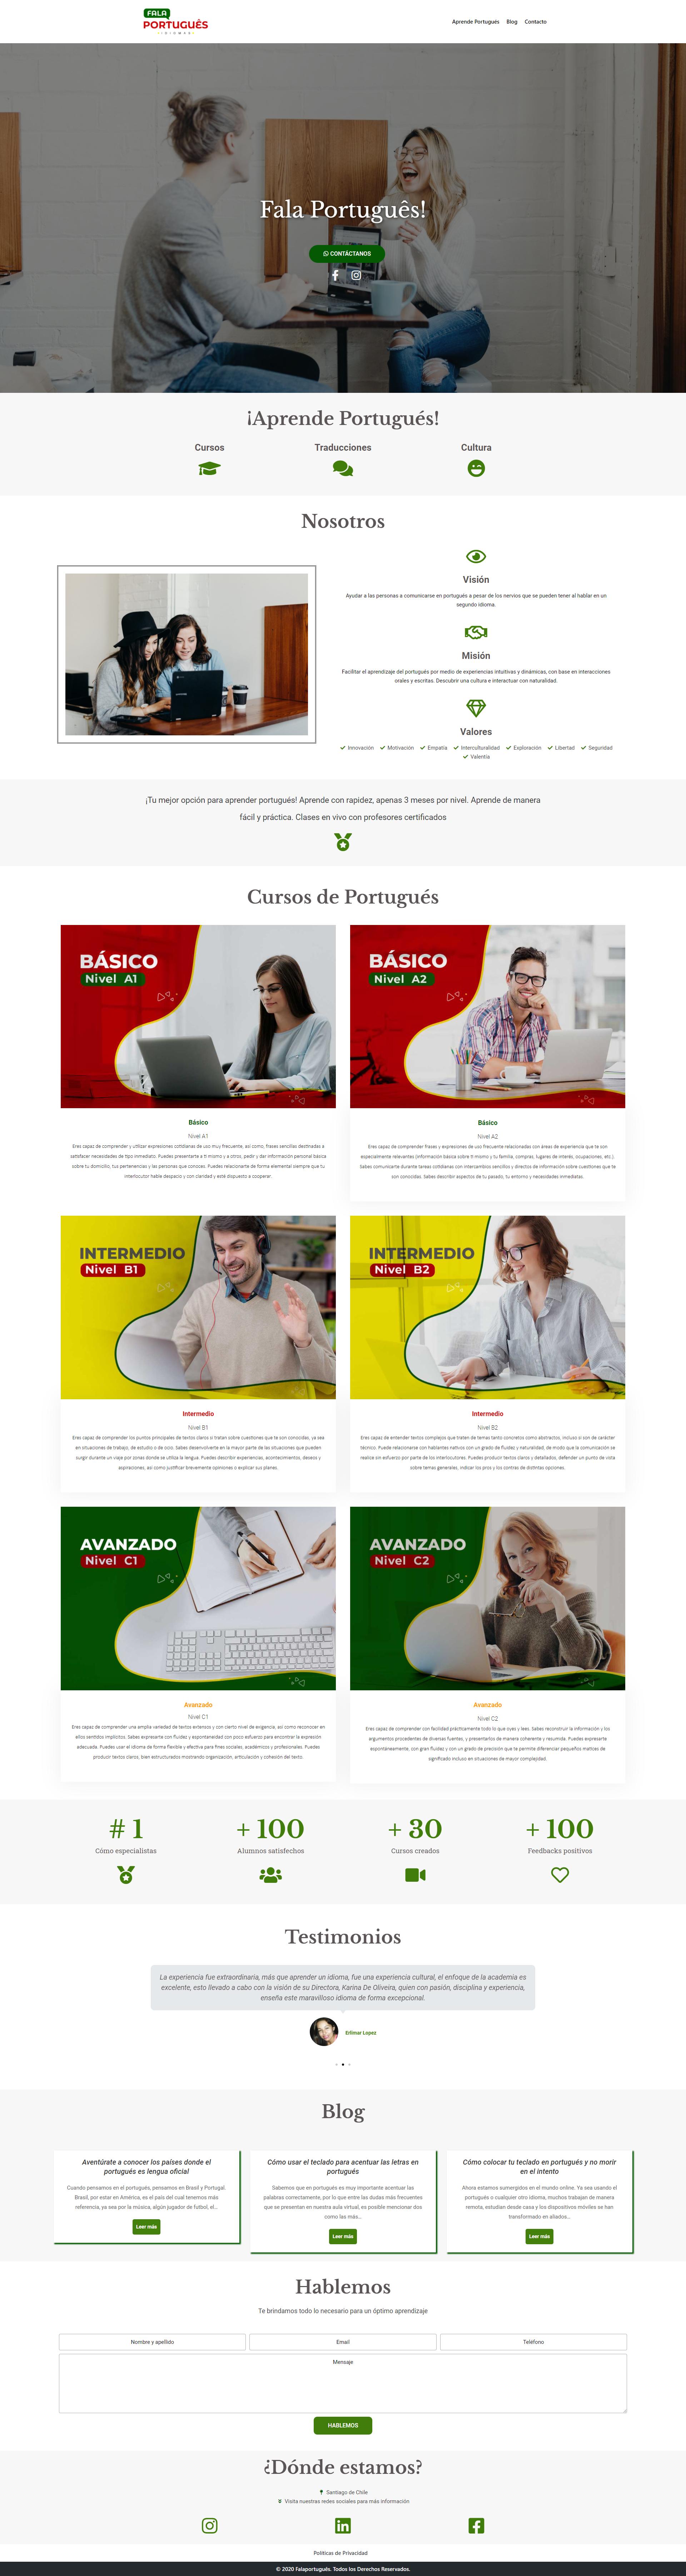 sitio web para aprender a hablar portigues